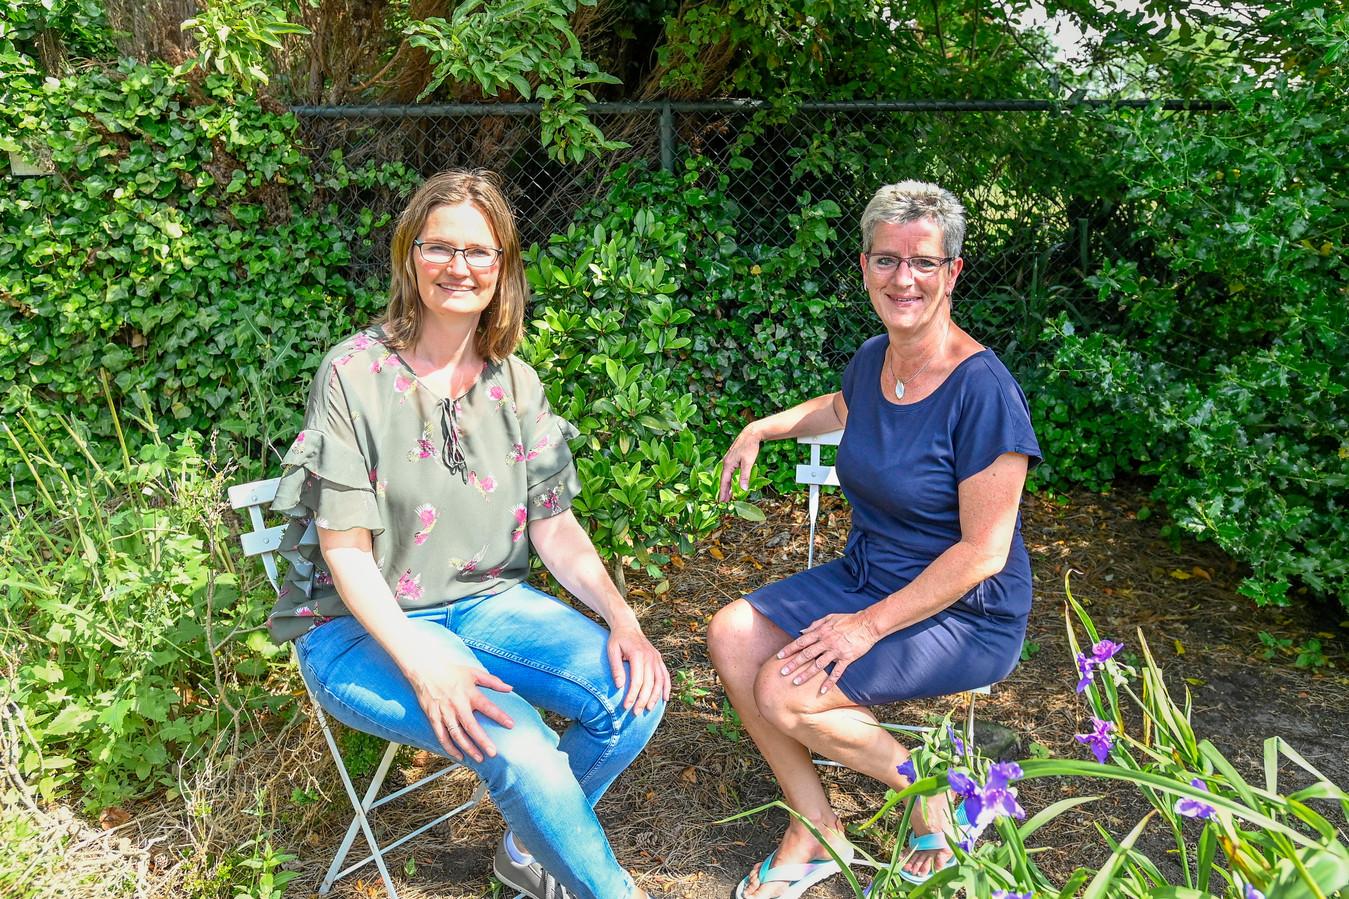 Raadslid Heidi Vos en burgerraadslid Marion Brans zetten D66 in de wacht en blijven politiek bedrijven via de lokale partij RVP.